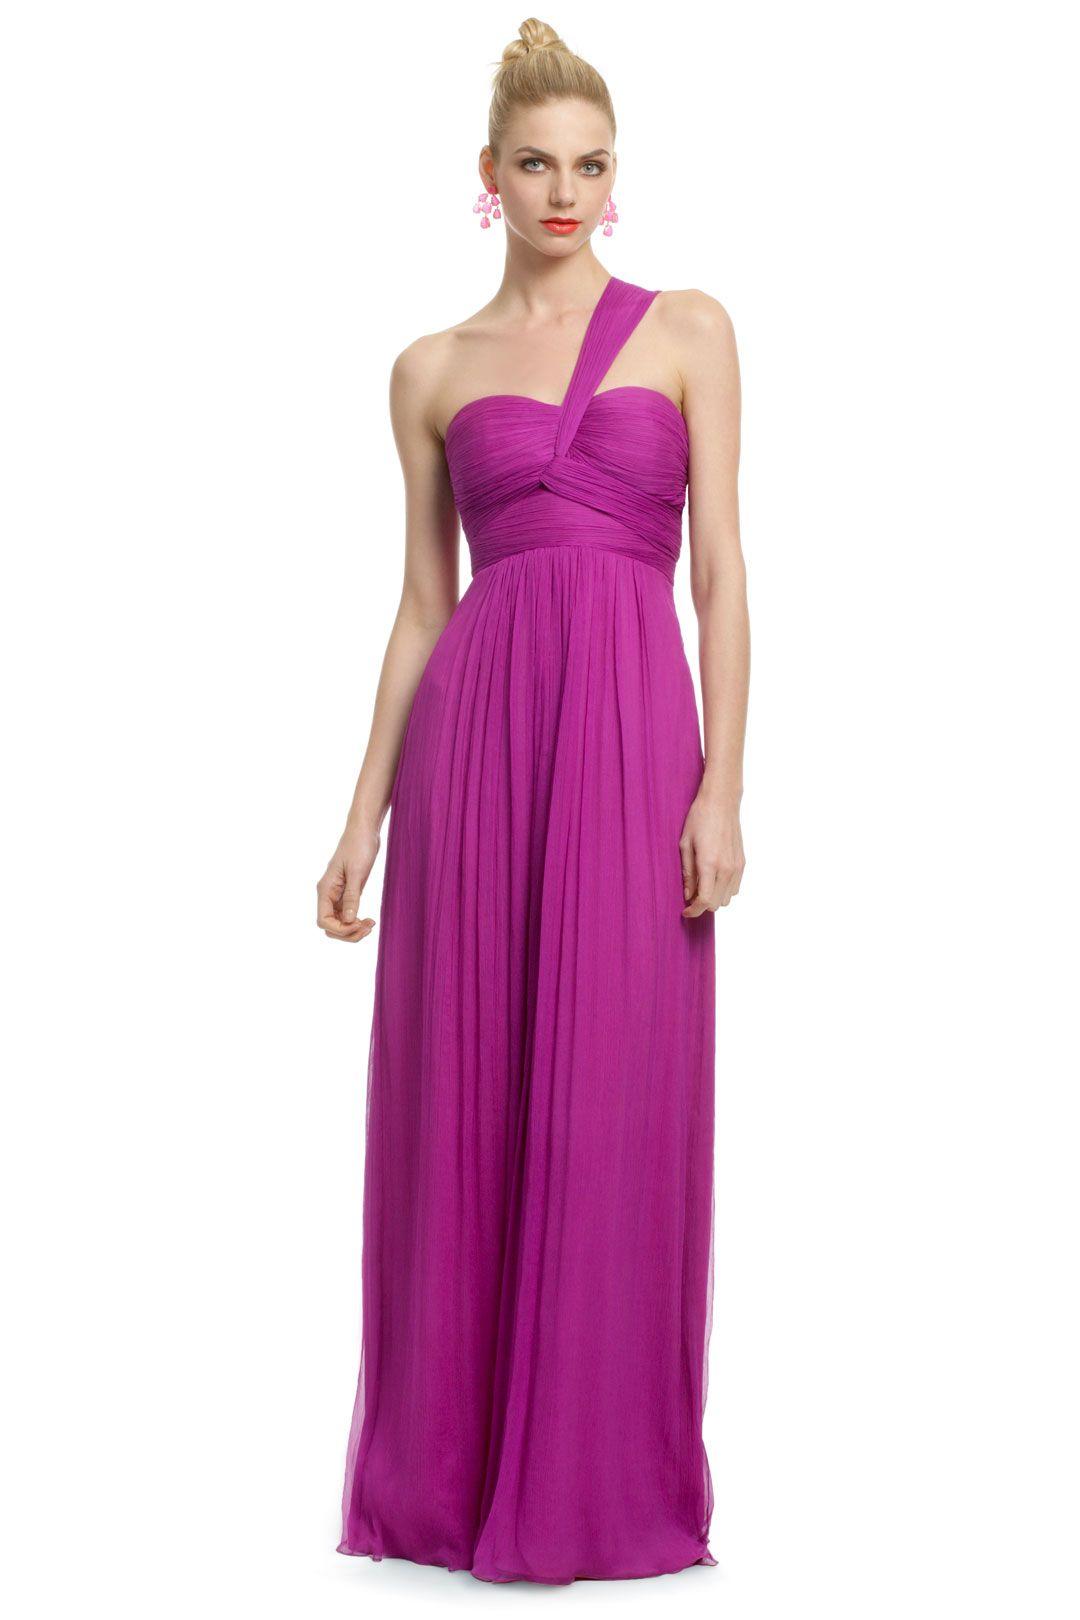 Magenta Orchid Gown | Boda, Damitas de honor y Damas